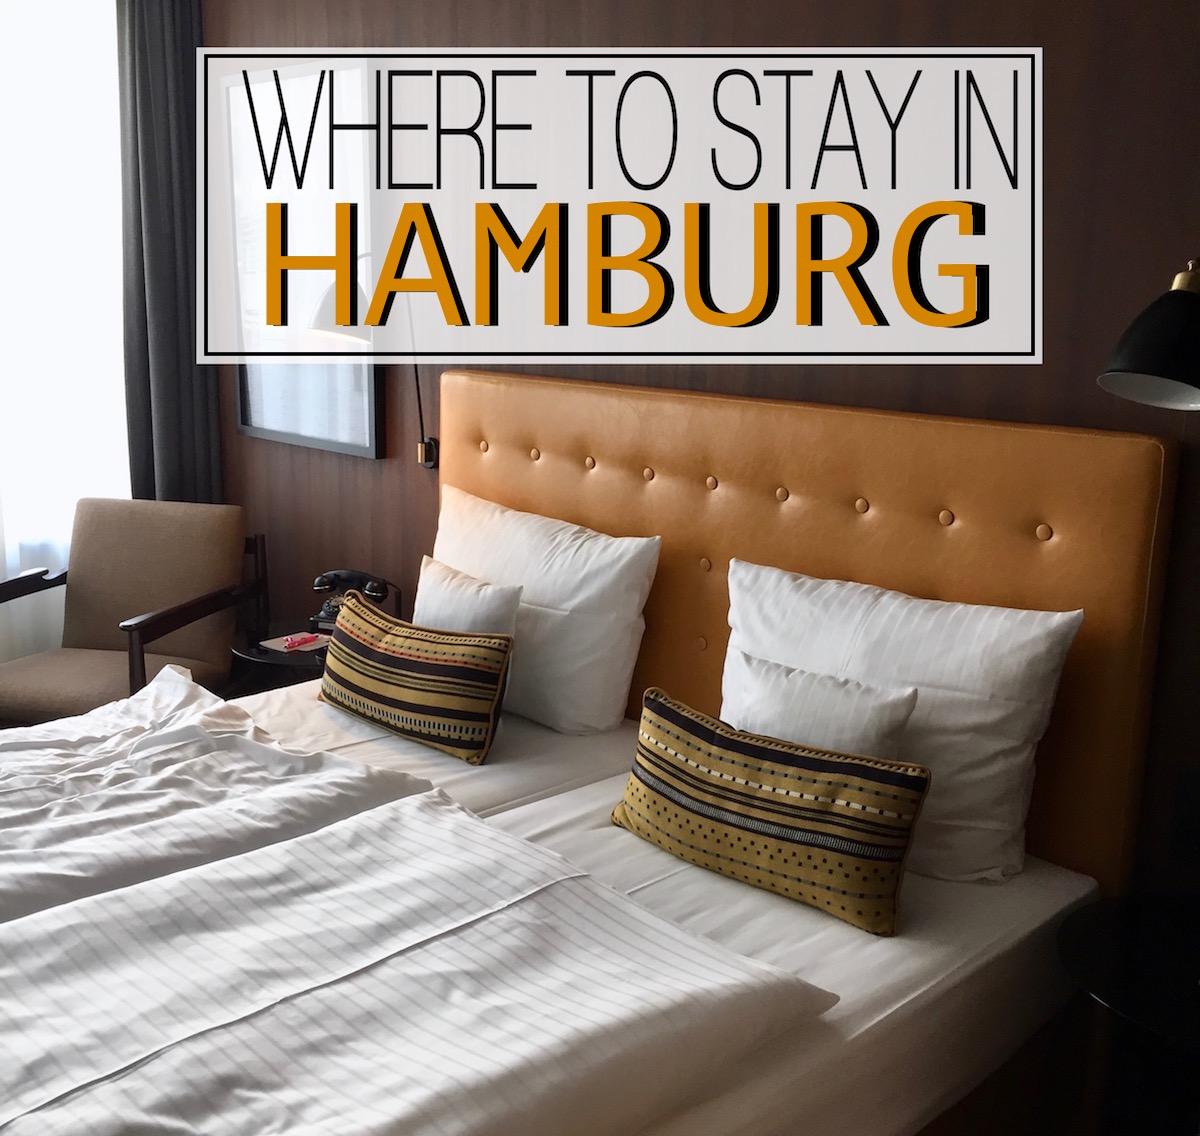 Ameron Hotel Speicherstadt Hamburg Review Erfahrungen Erfahrungsbericht www.theblondelion.com